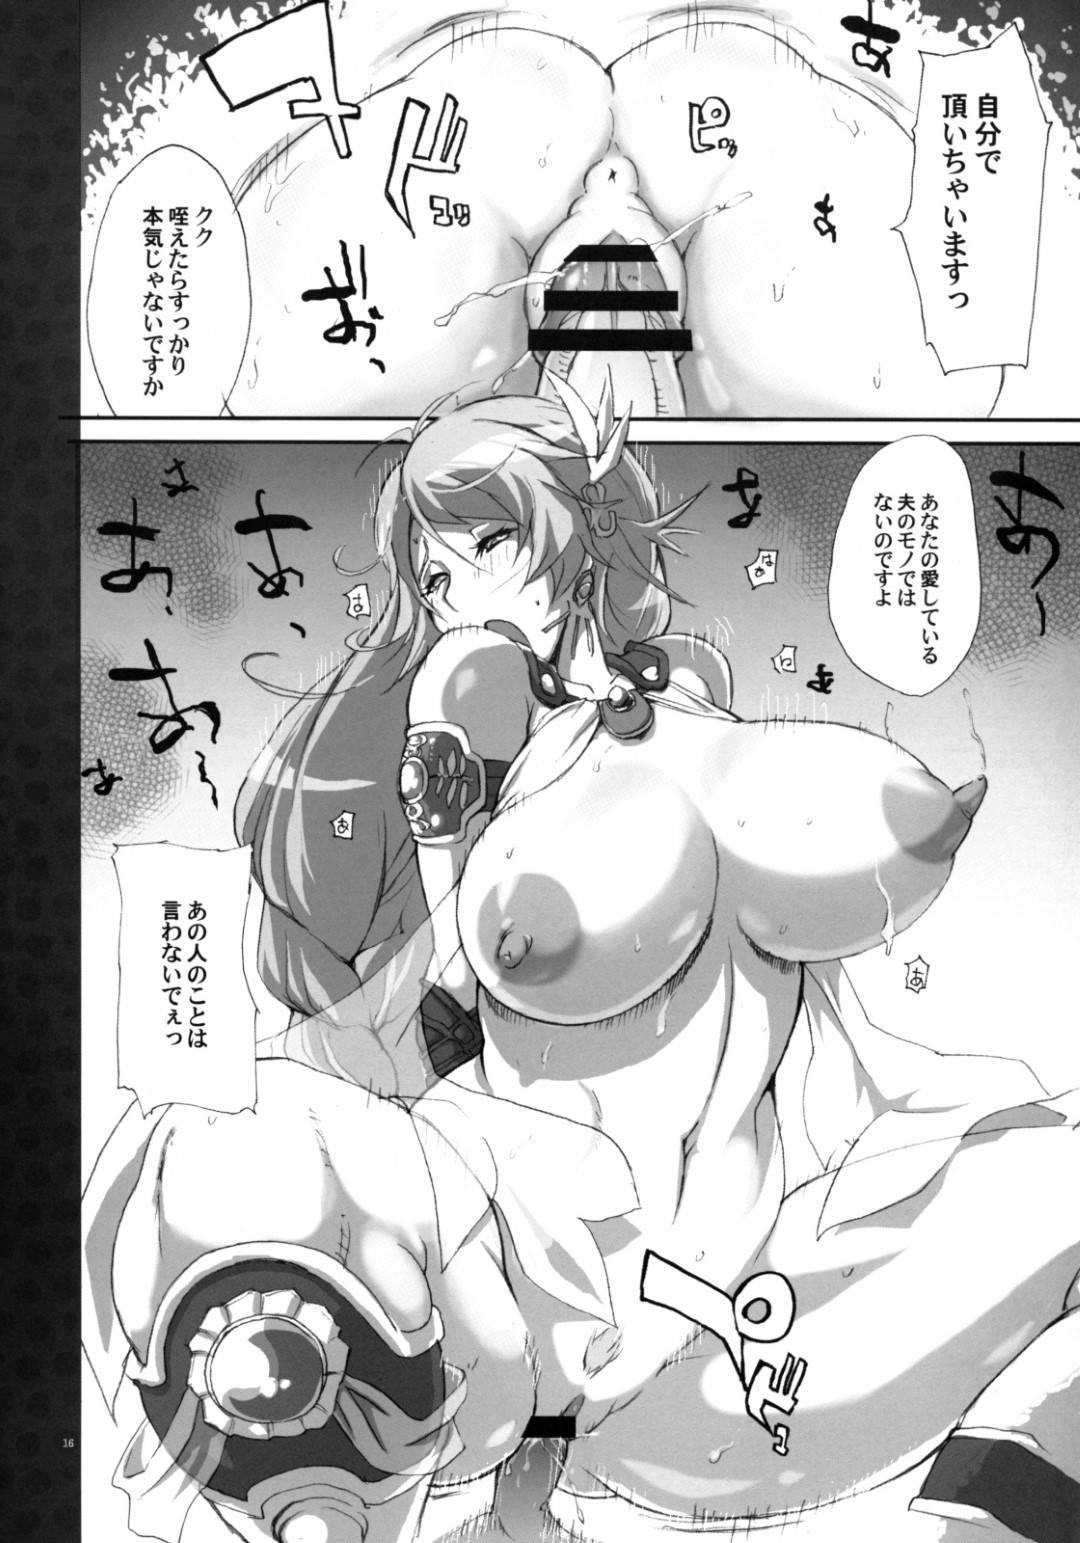 【エロ漫画】男に襲われてしまったムチムチ巨乳人妻。断りきれない彼女は彼はされるがままに乳首責めを受けたり、素股させられたりし、生ハメセックスさせられる!